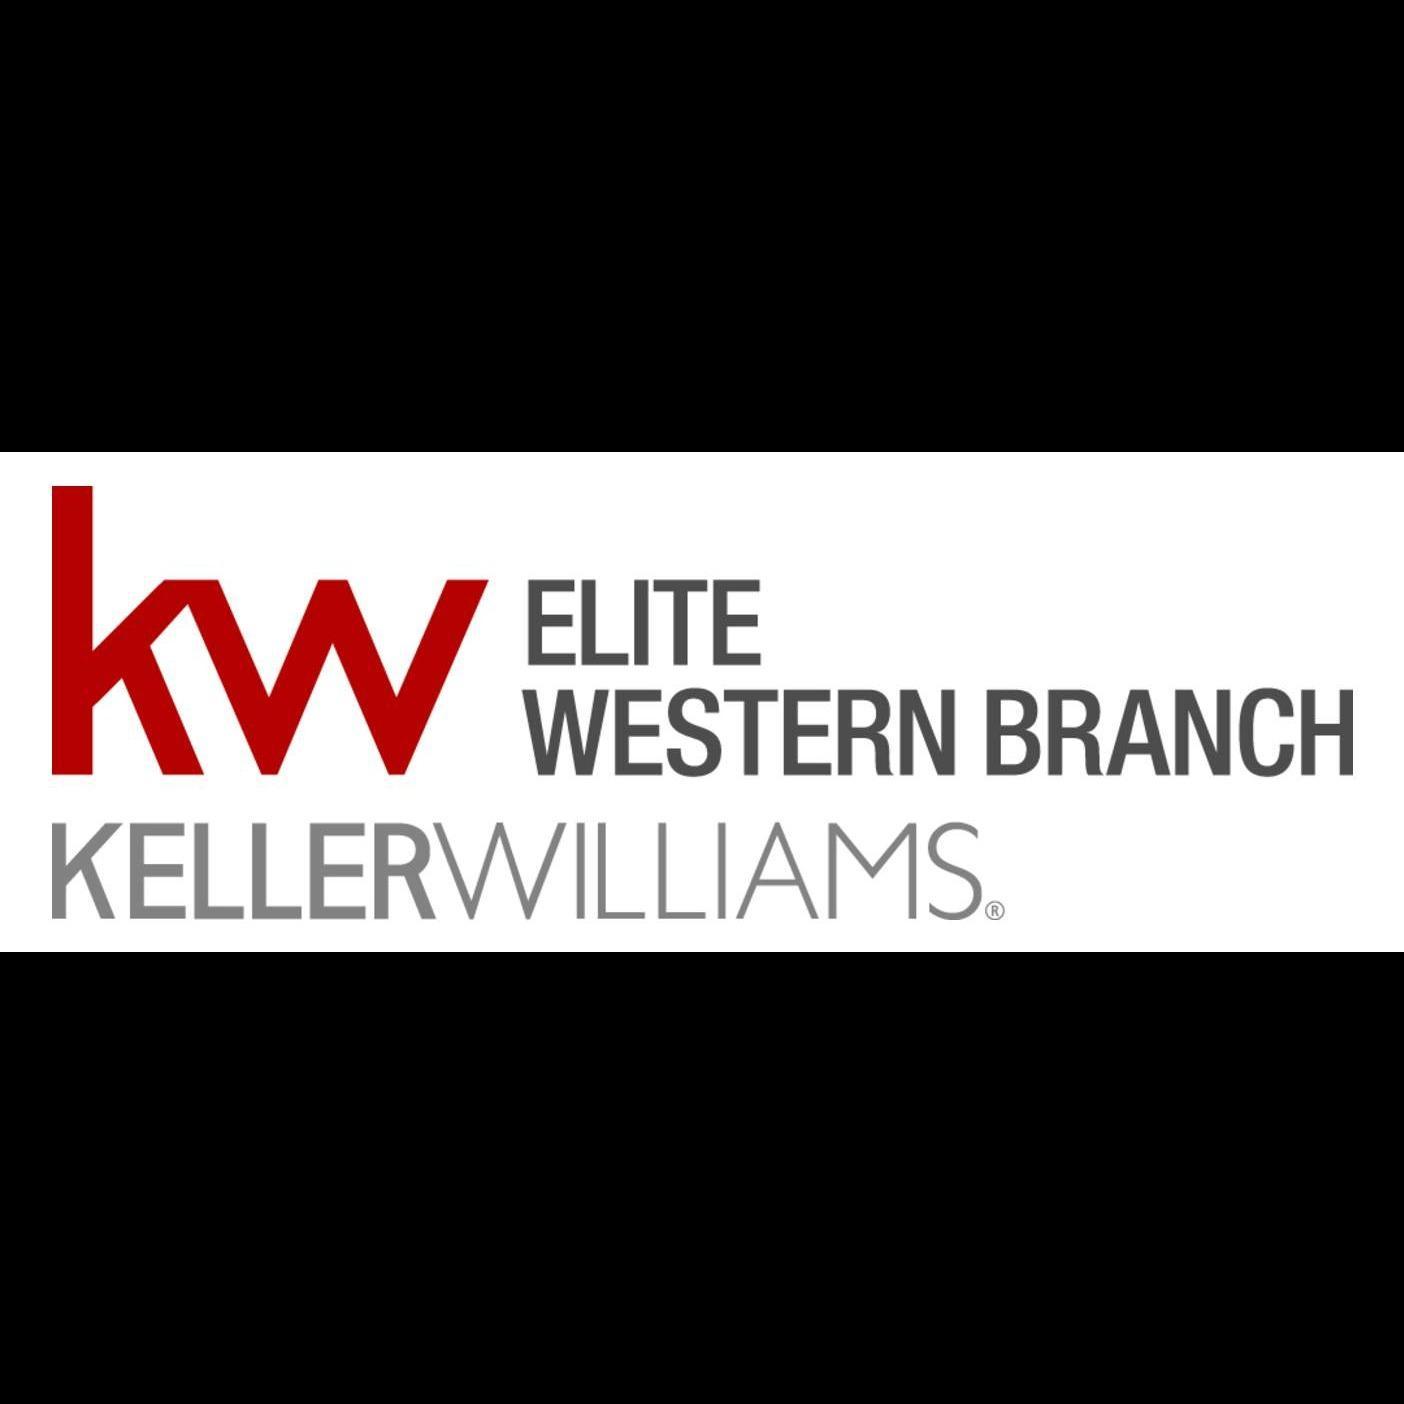 Mitch Johnson with Keller Williams Elite Western Branch